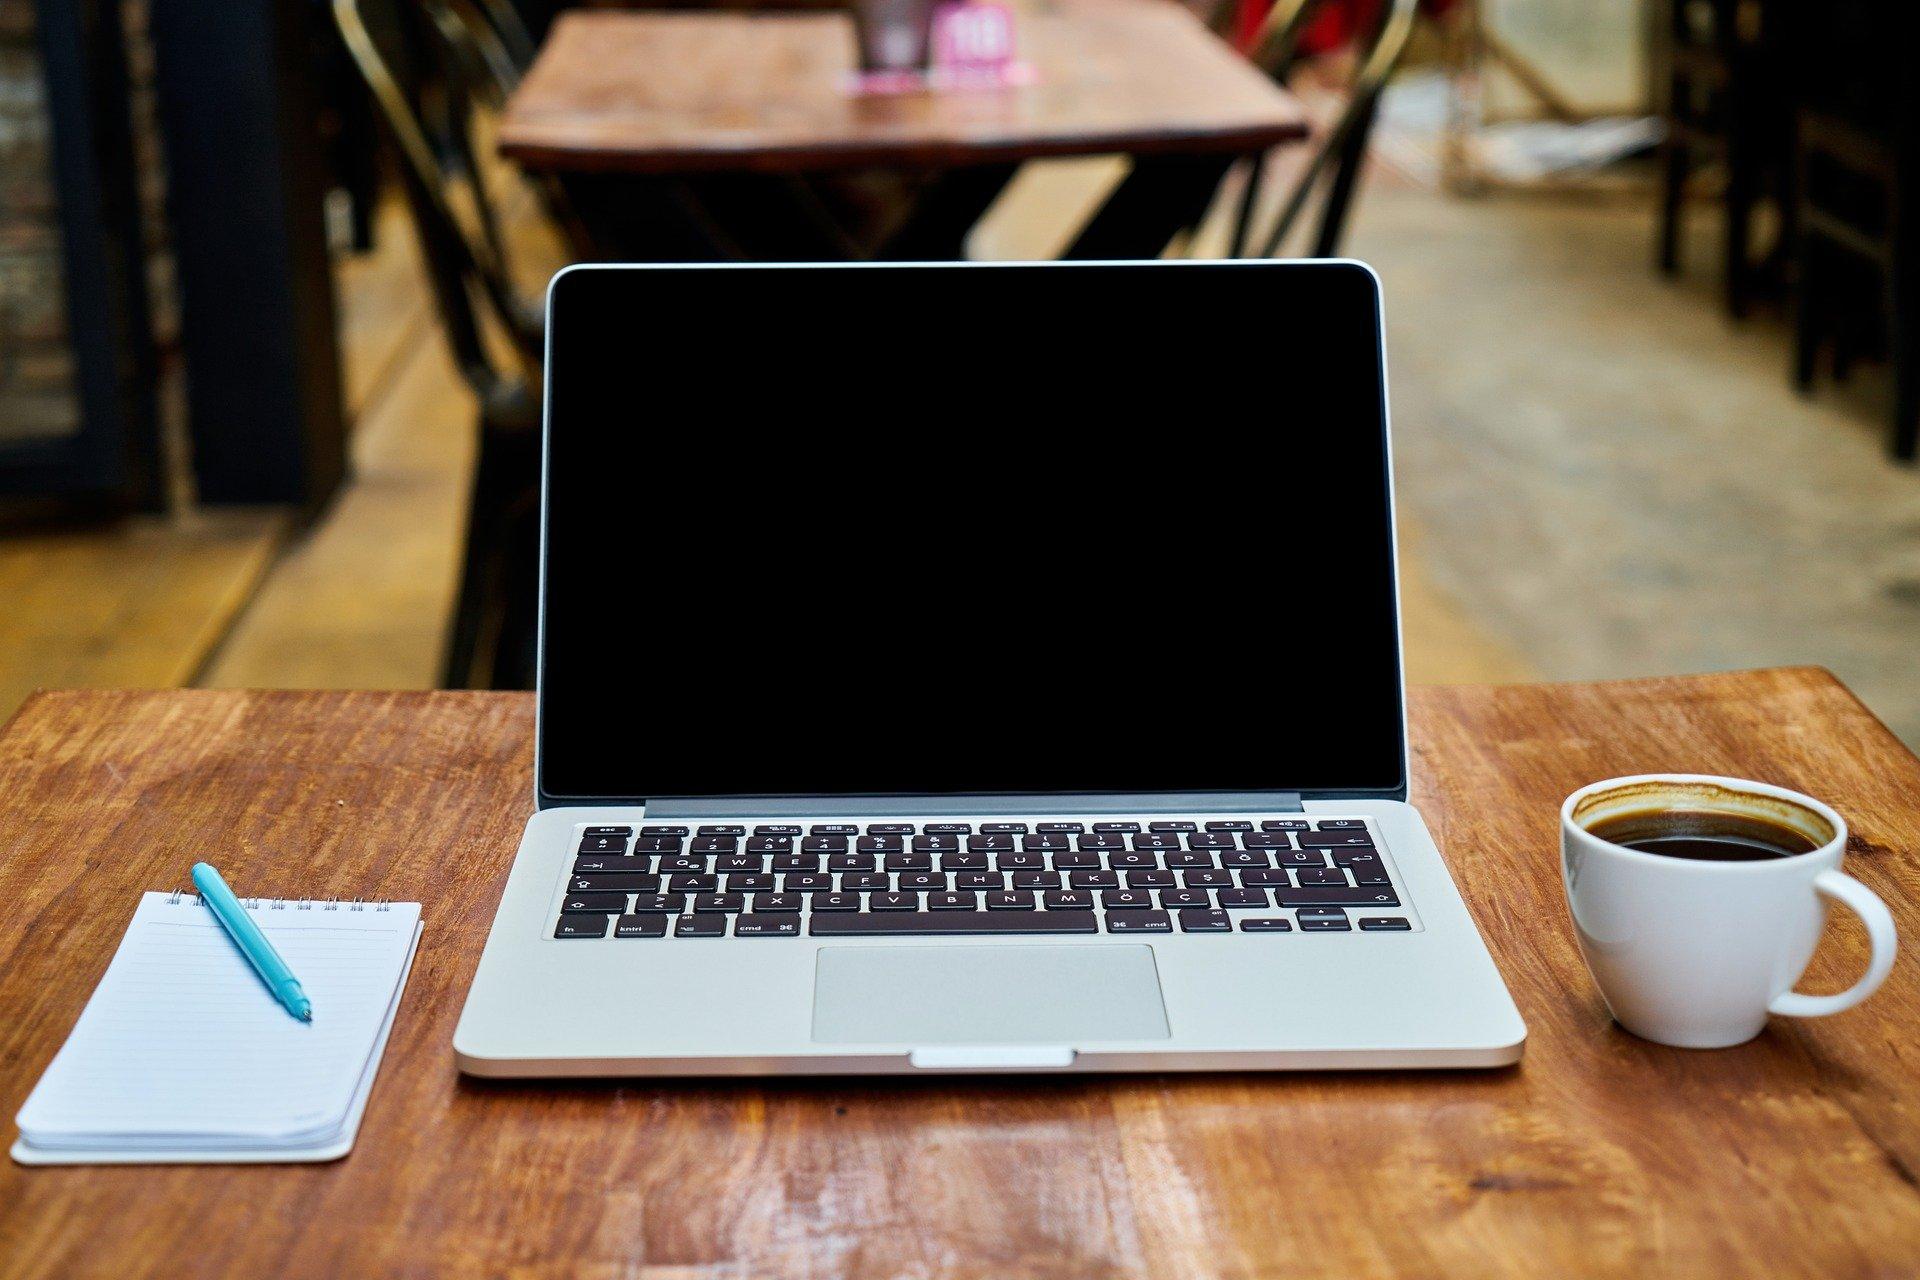 Un ordenador para saber más sobre el autónomo dependiente o TRADE